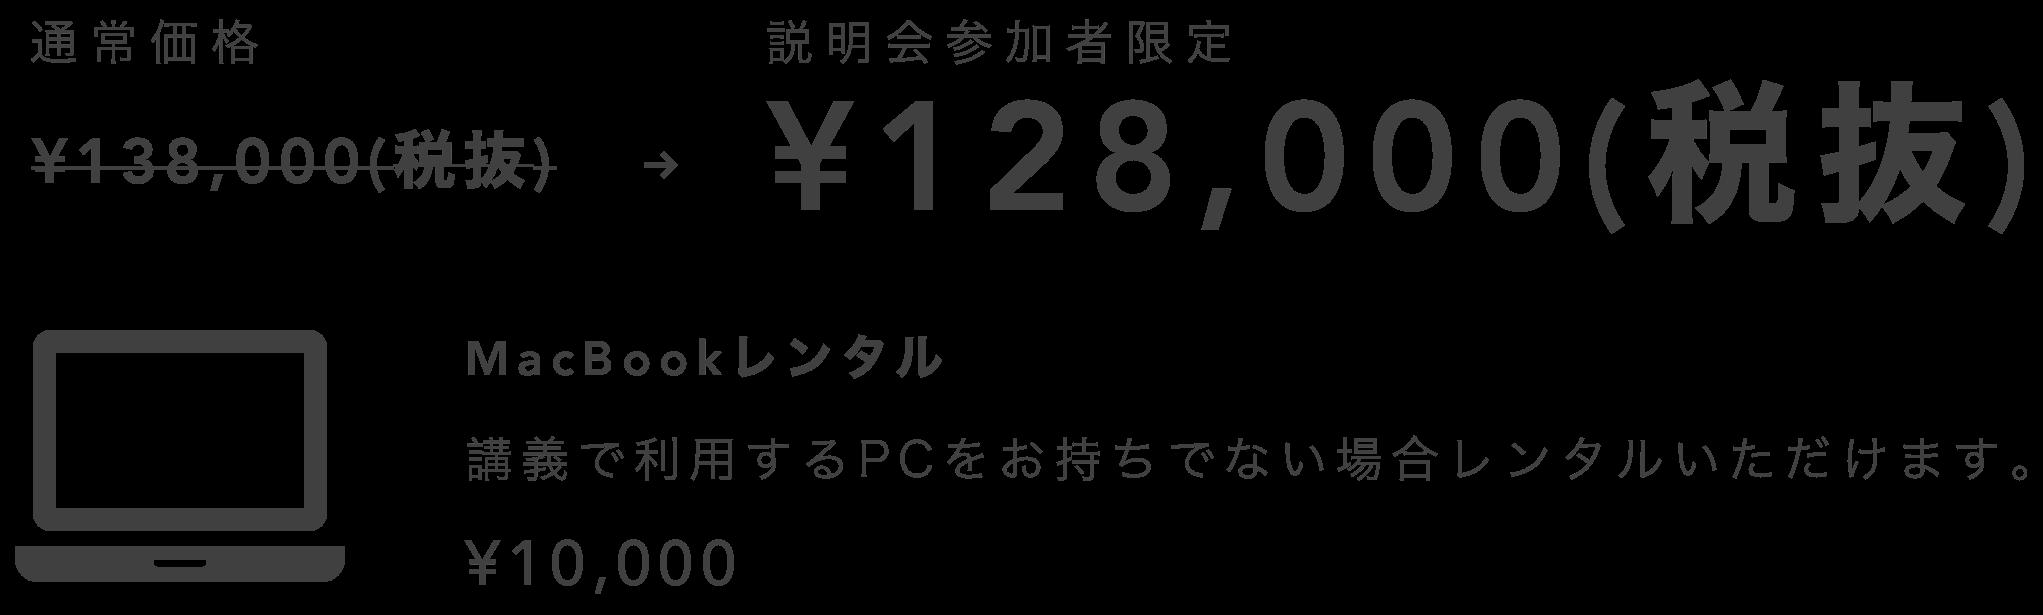 mgc_04.png